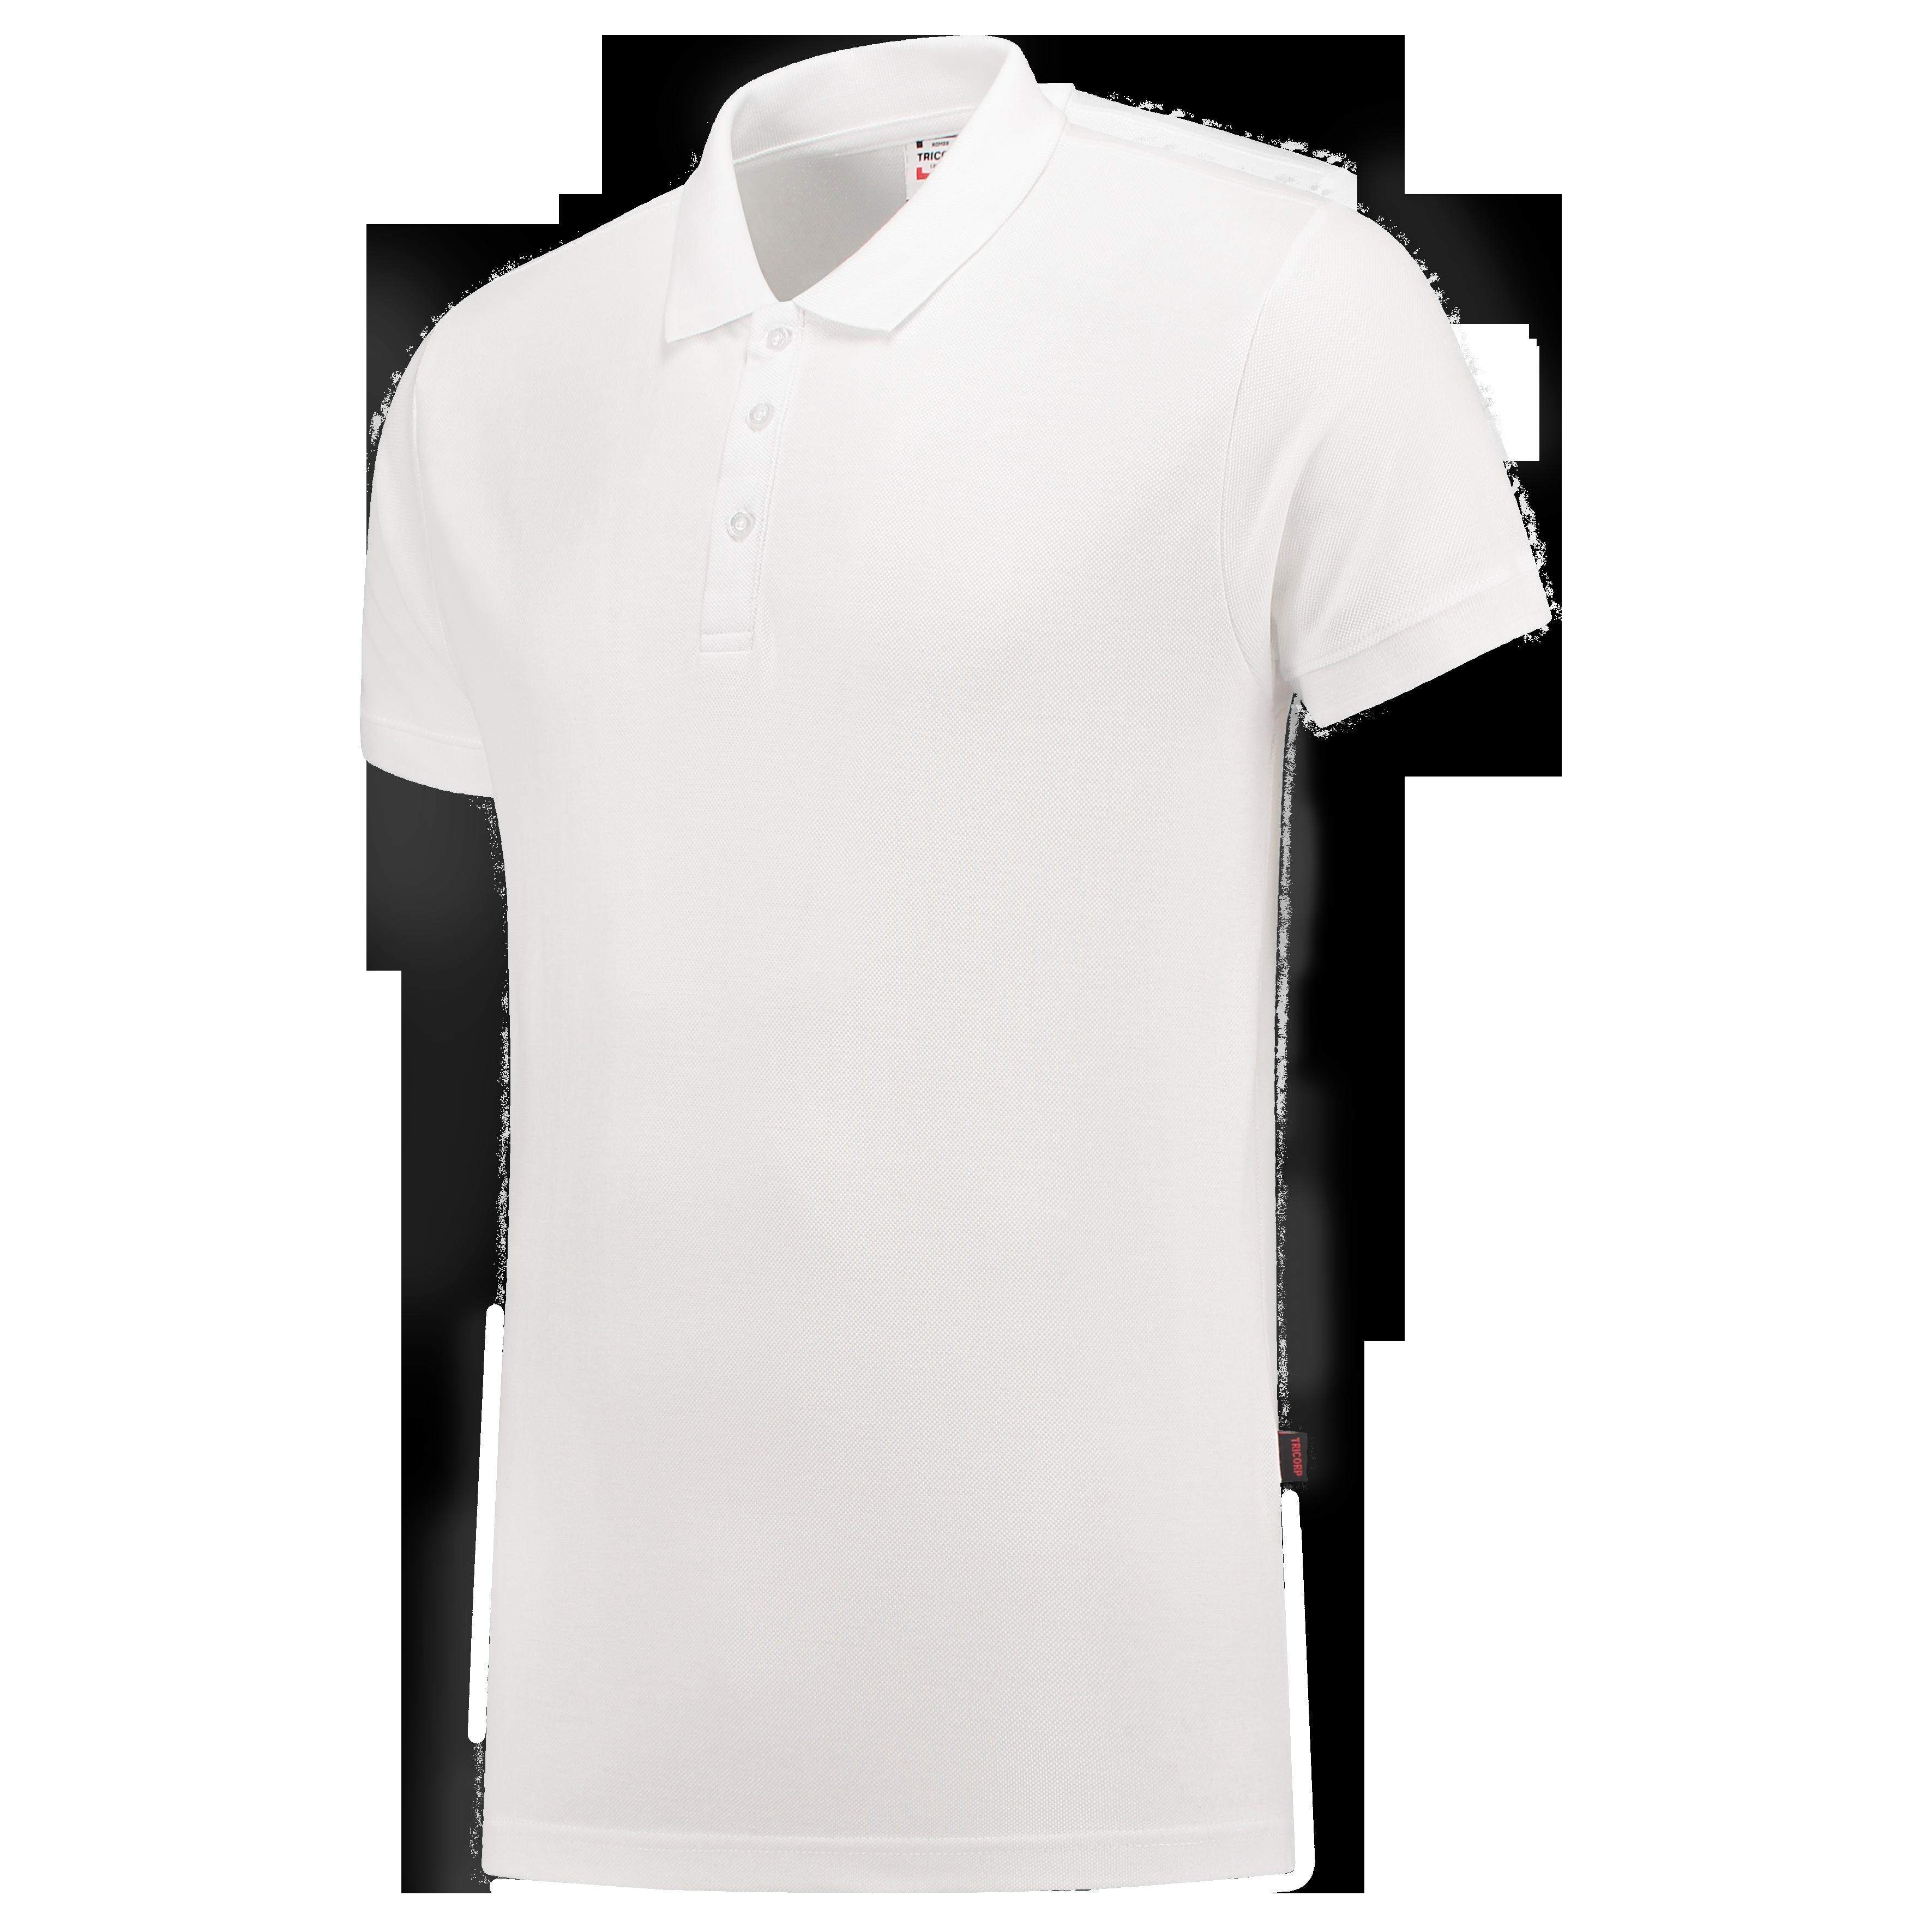 Poloshirt Slimfit 210 Gram